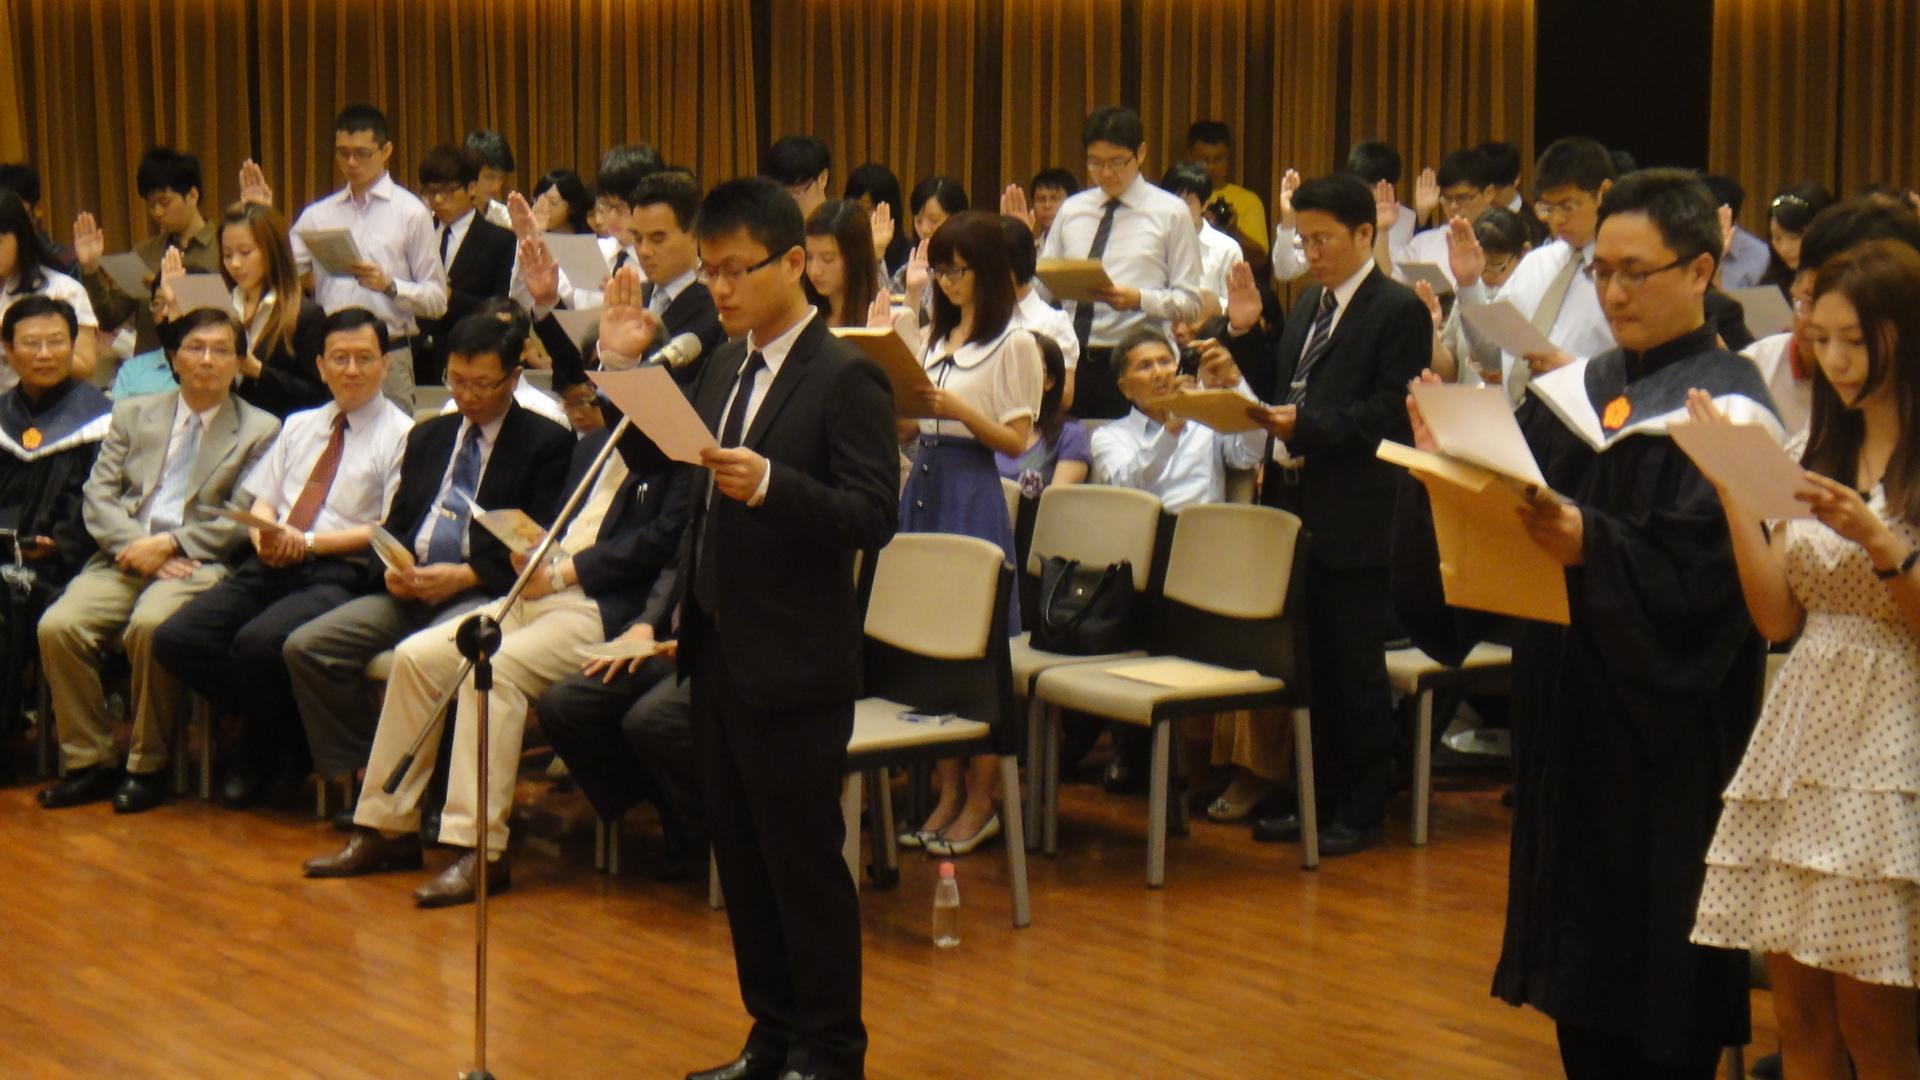 斐陶斐榮譽學會入會典禮 本校畢業生74人榮獲推薦